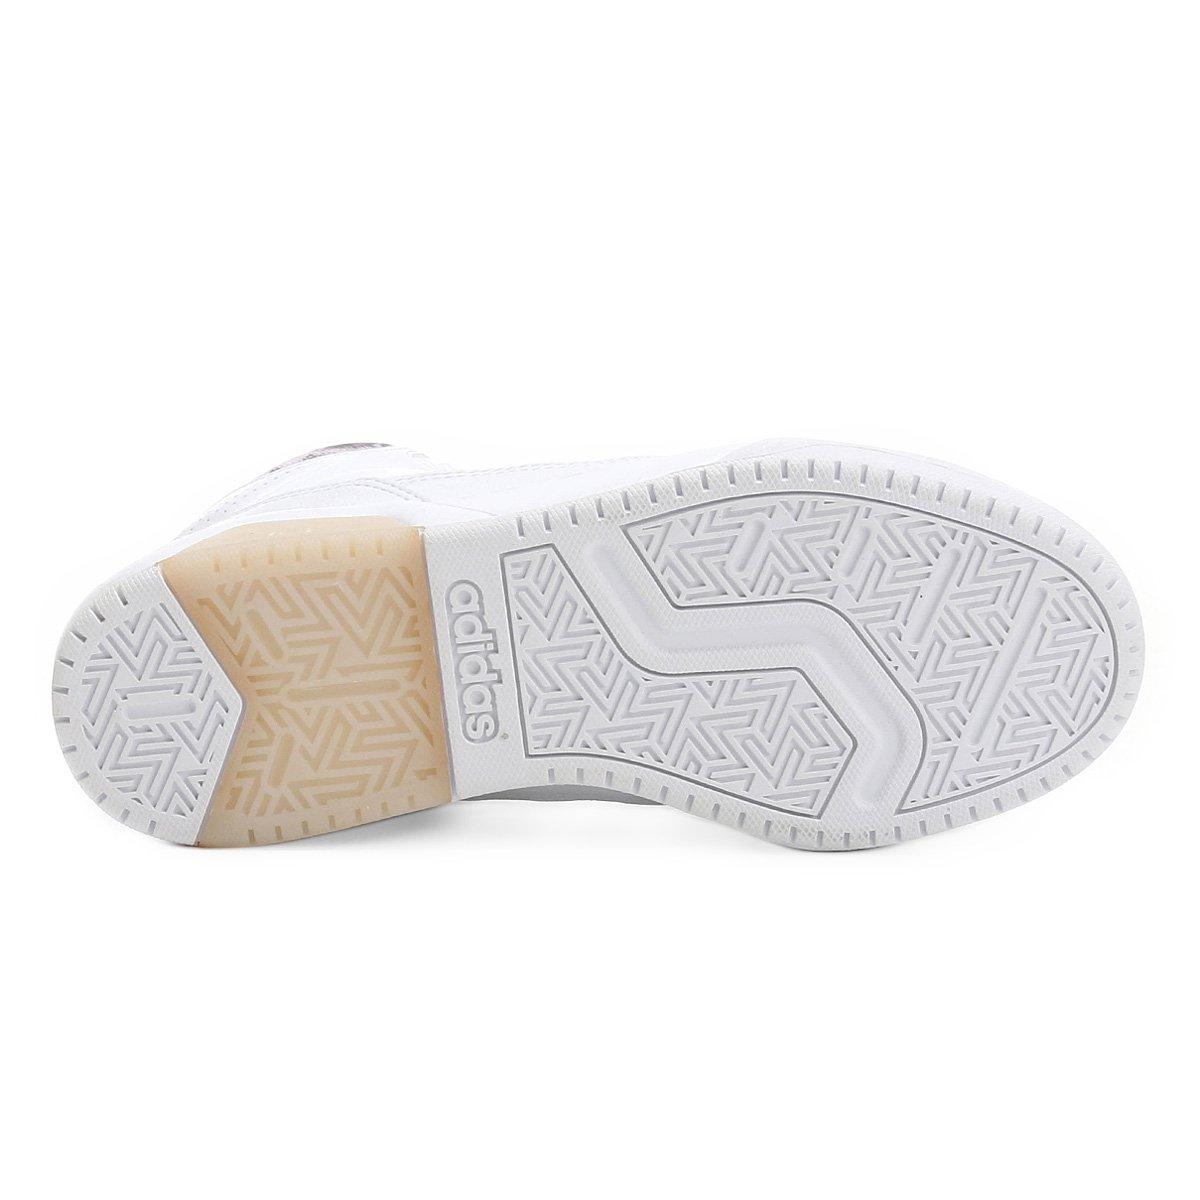 Branco Tênis Adidas Branco Play9Tis Feminino Play9Tis Tênis Feminino Adidas Tênis xwZtz4ZqO